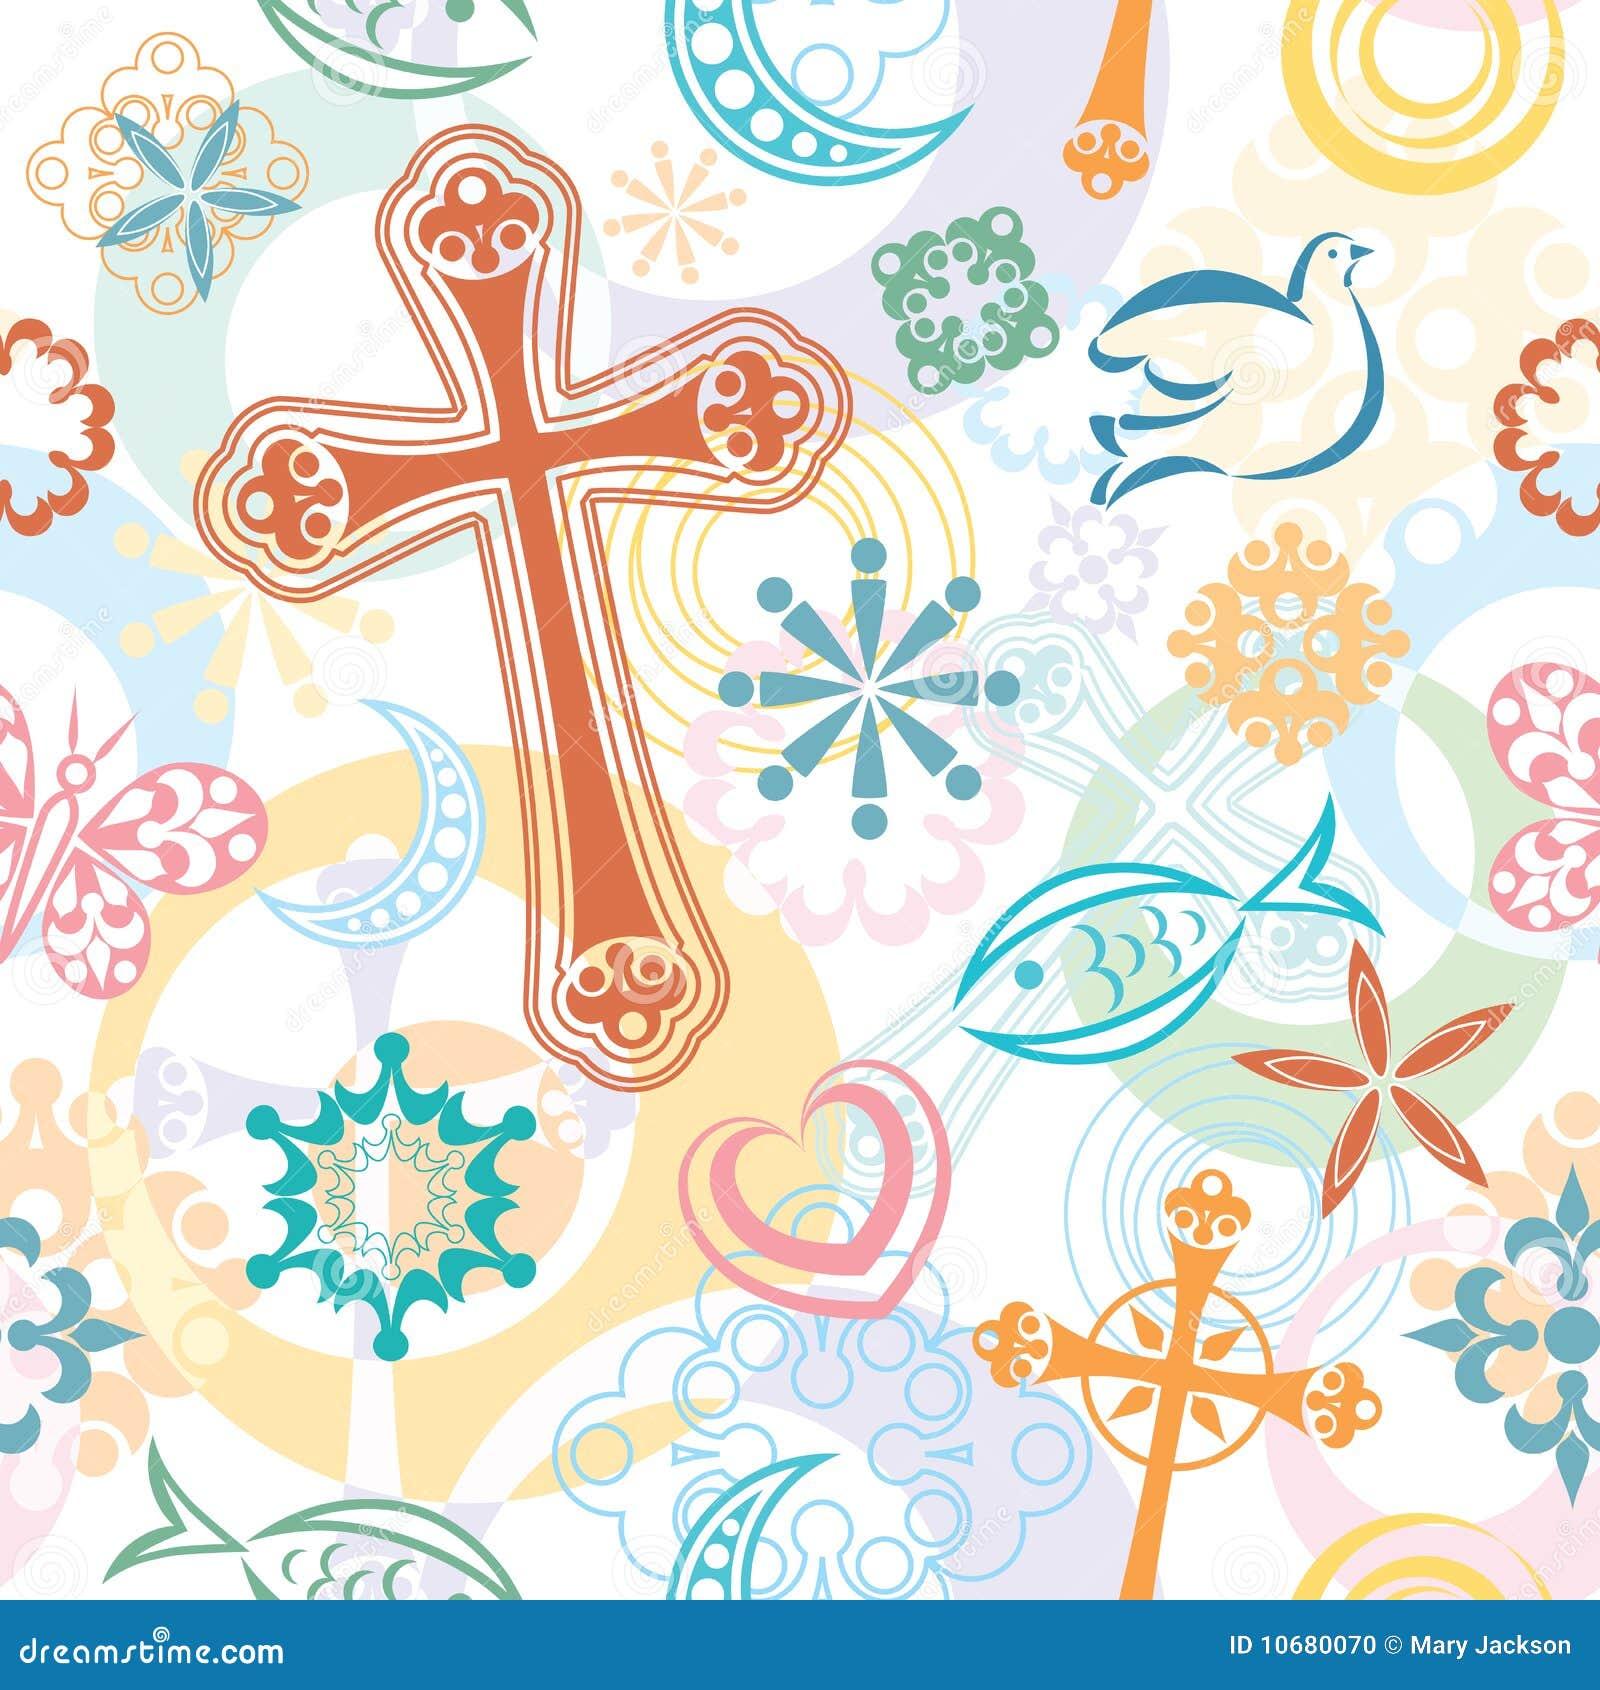 Christian Symbols Seamless Pattern